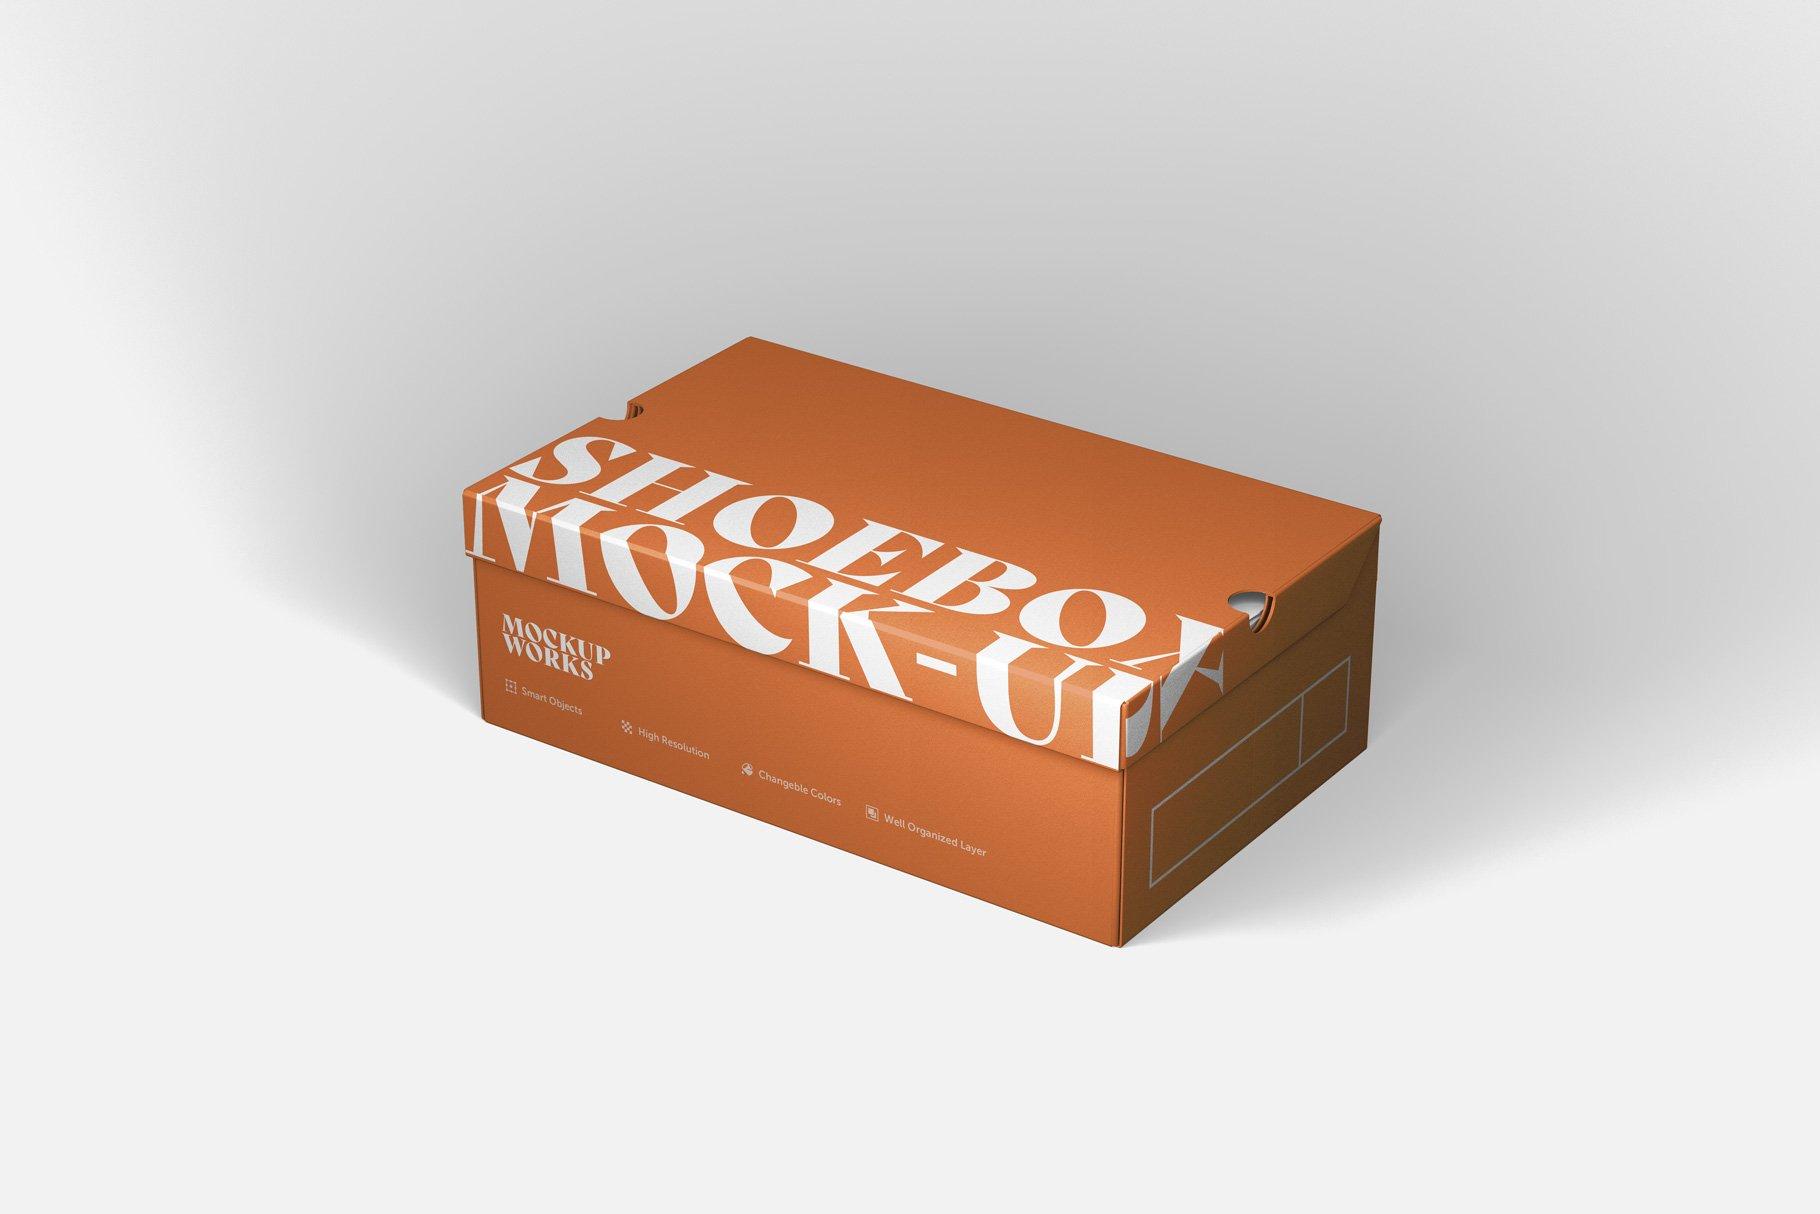 9款鞋盒包装纸盒设计展示样机 Shoe Box Mockup插图7